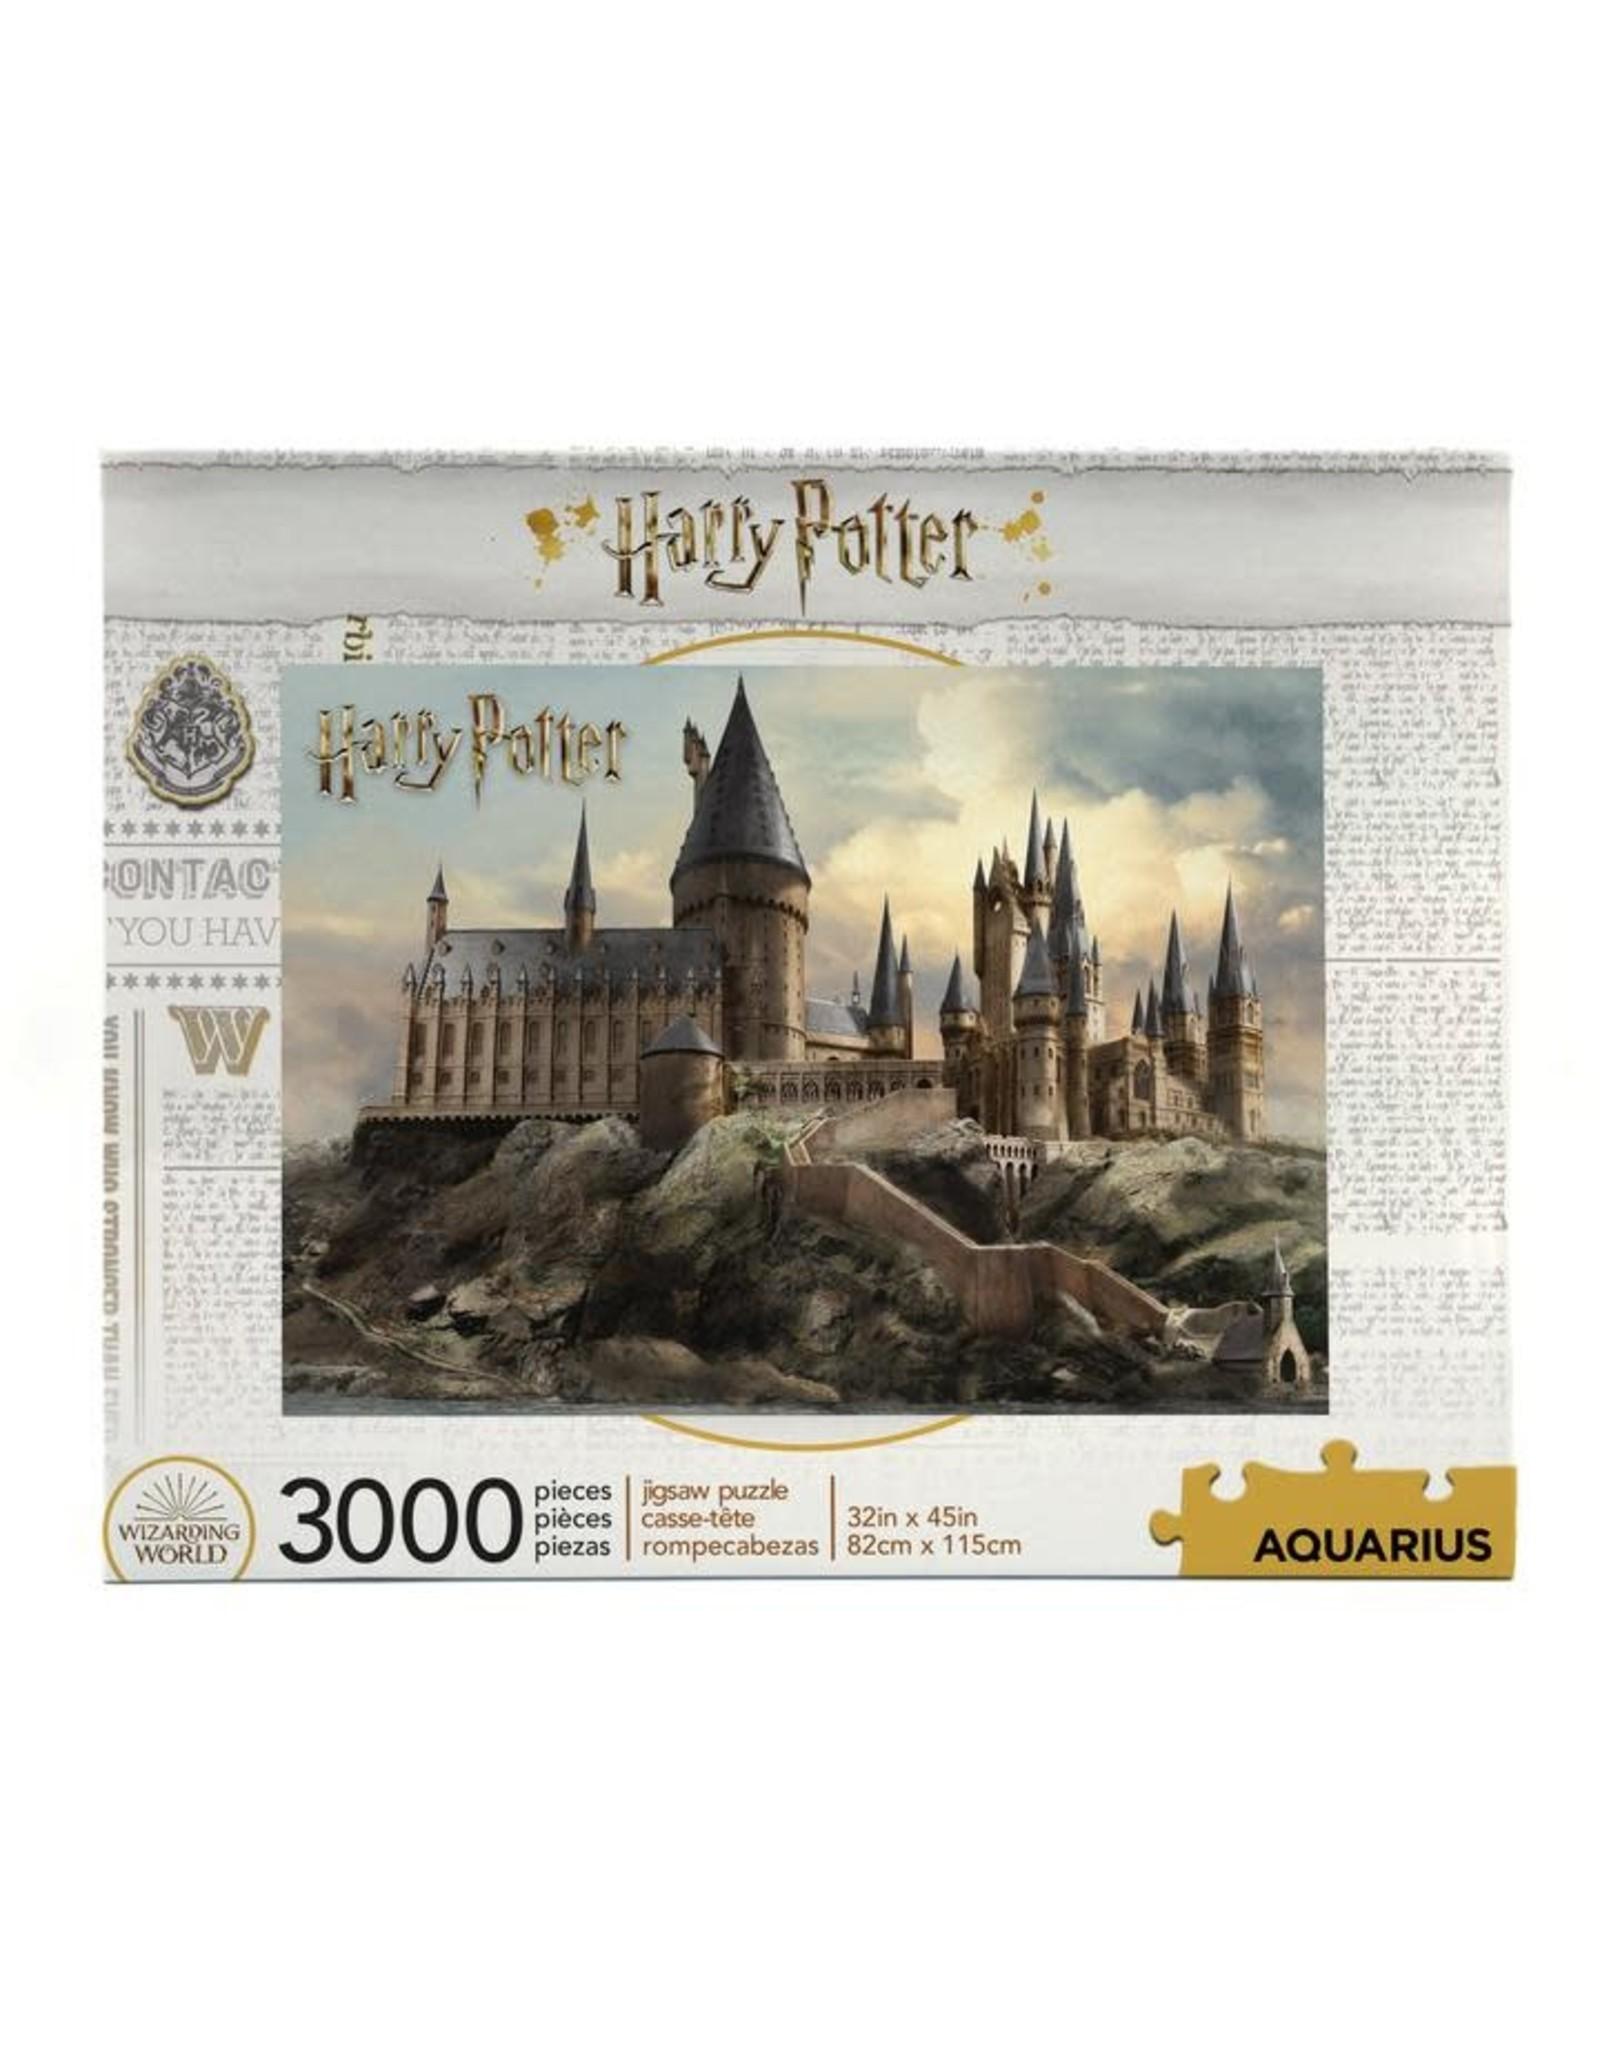 Aquarius Ent HARRY POTTER Puzzle 3000P - Hogwarts